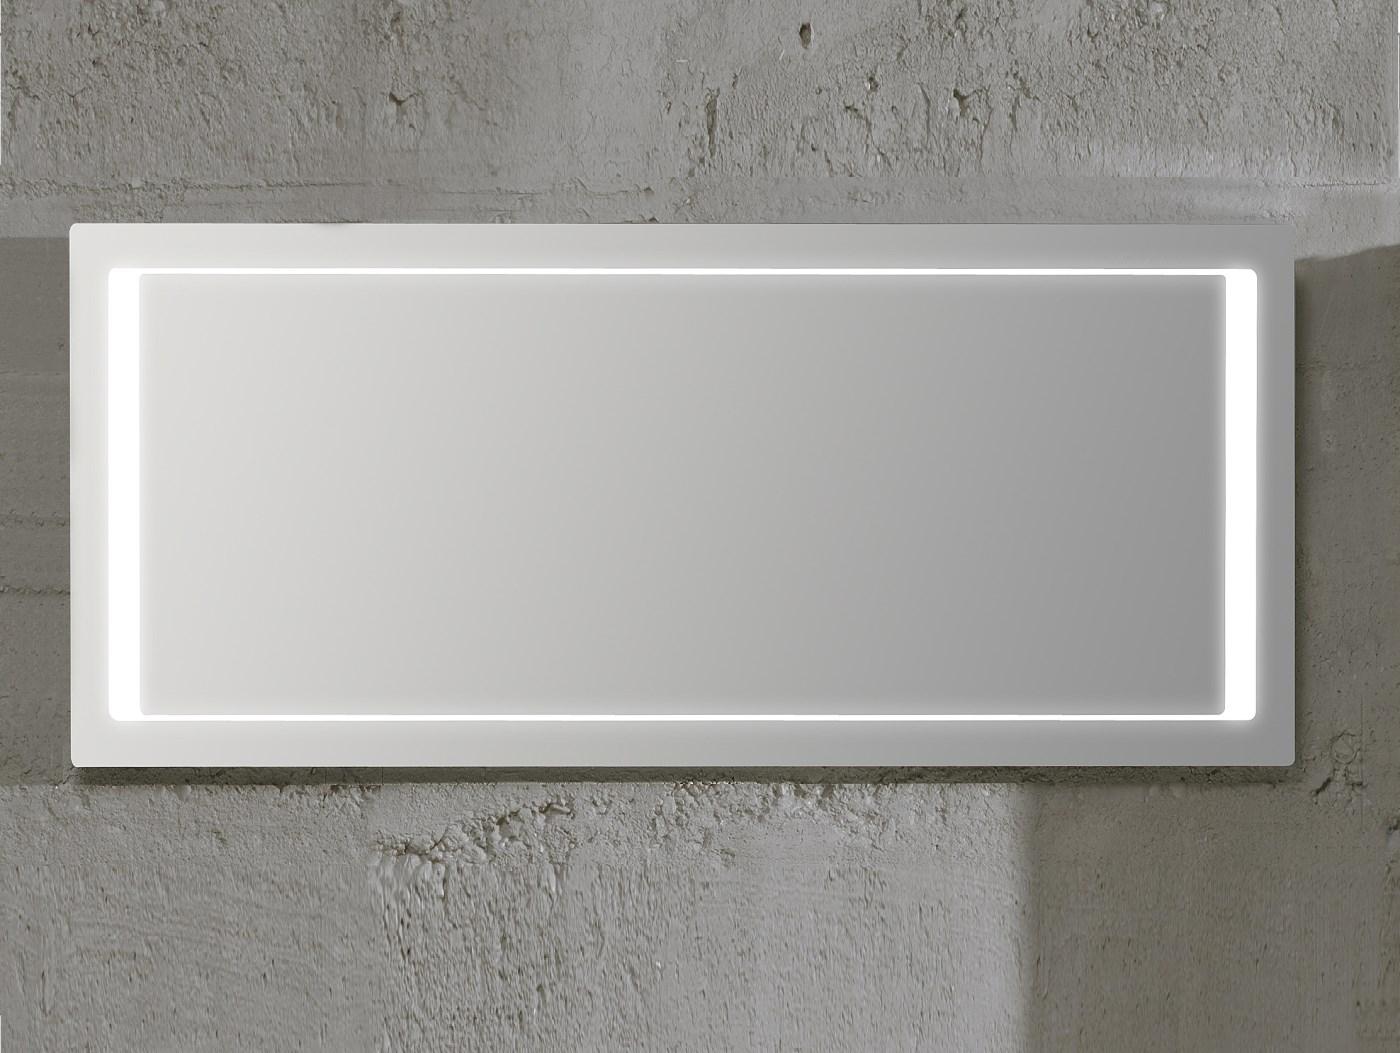 Led Spiegel Badkamer : Badkamer spiegel led lm met led